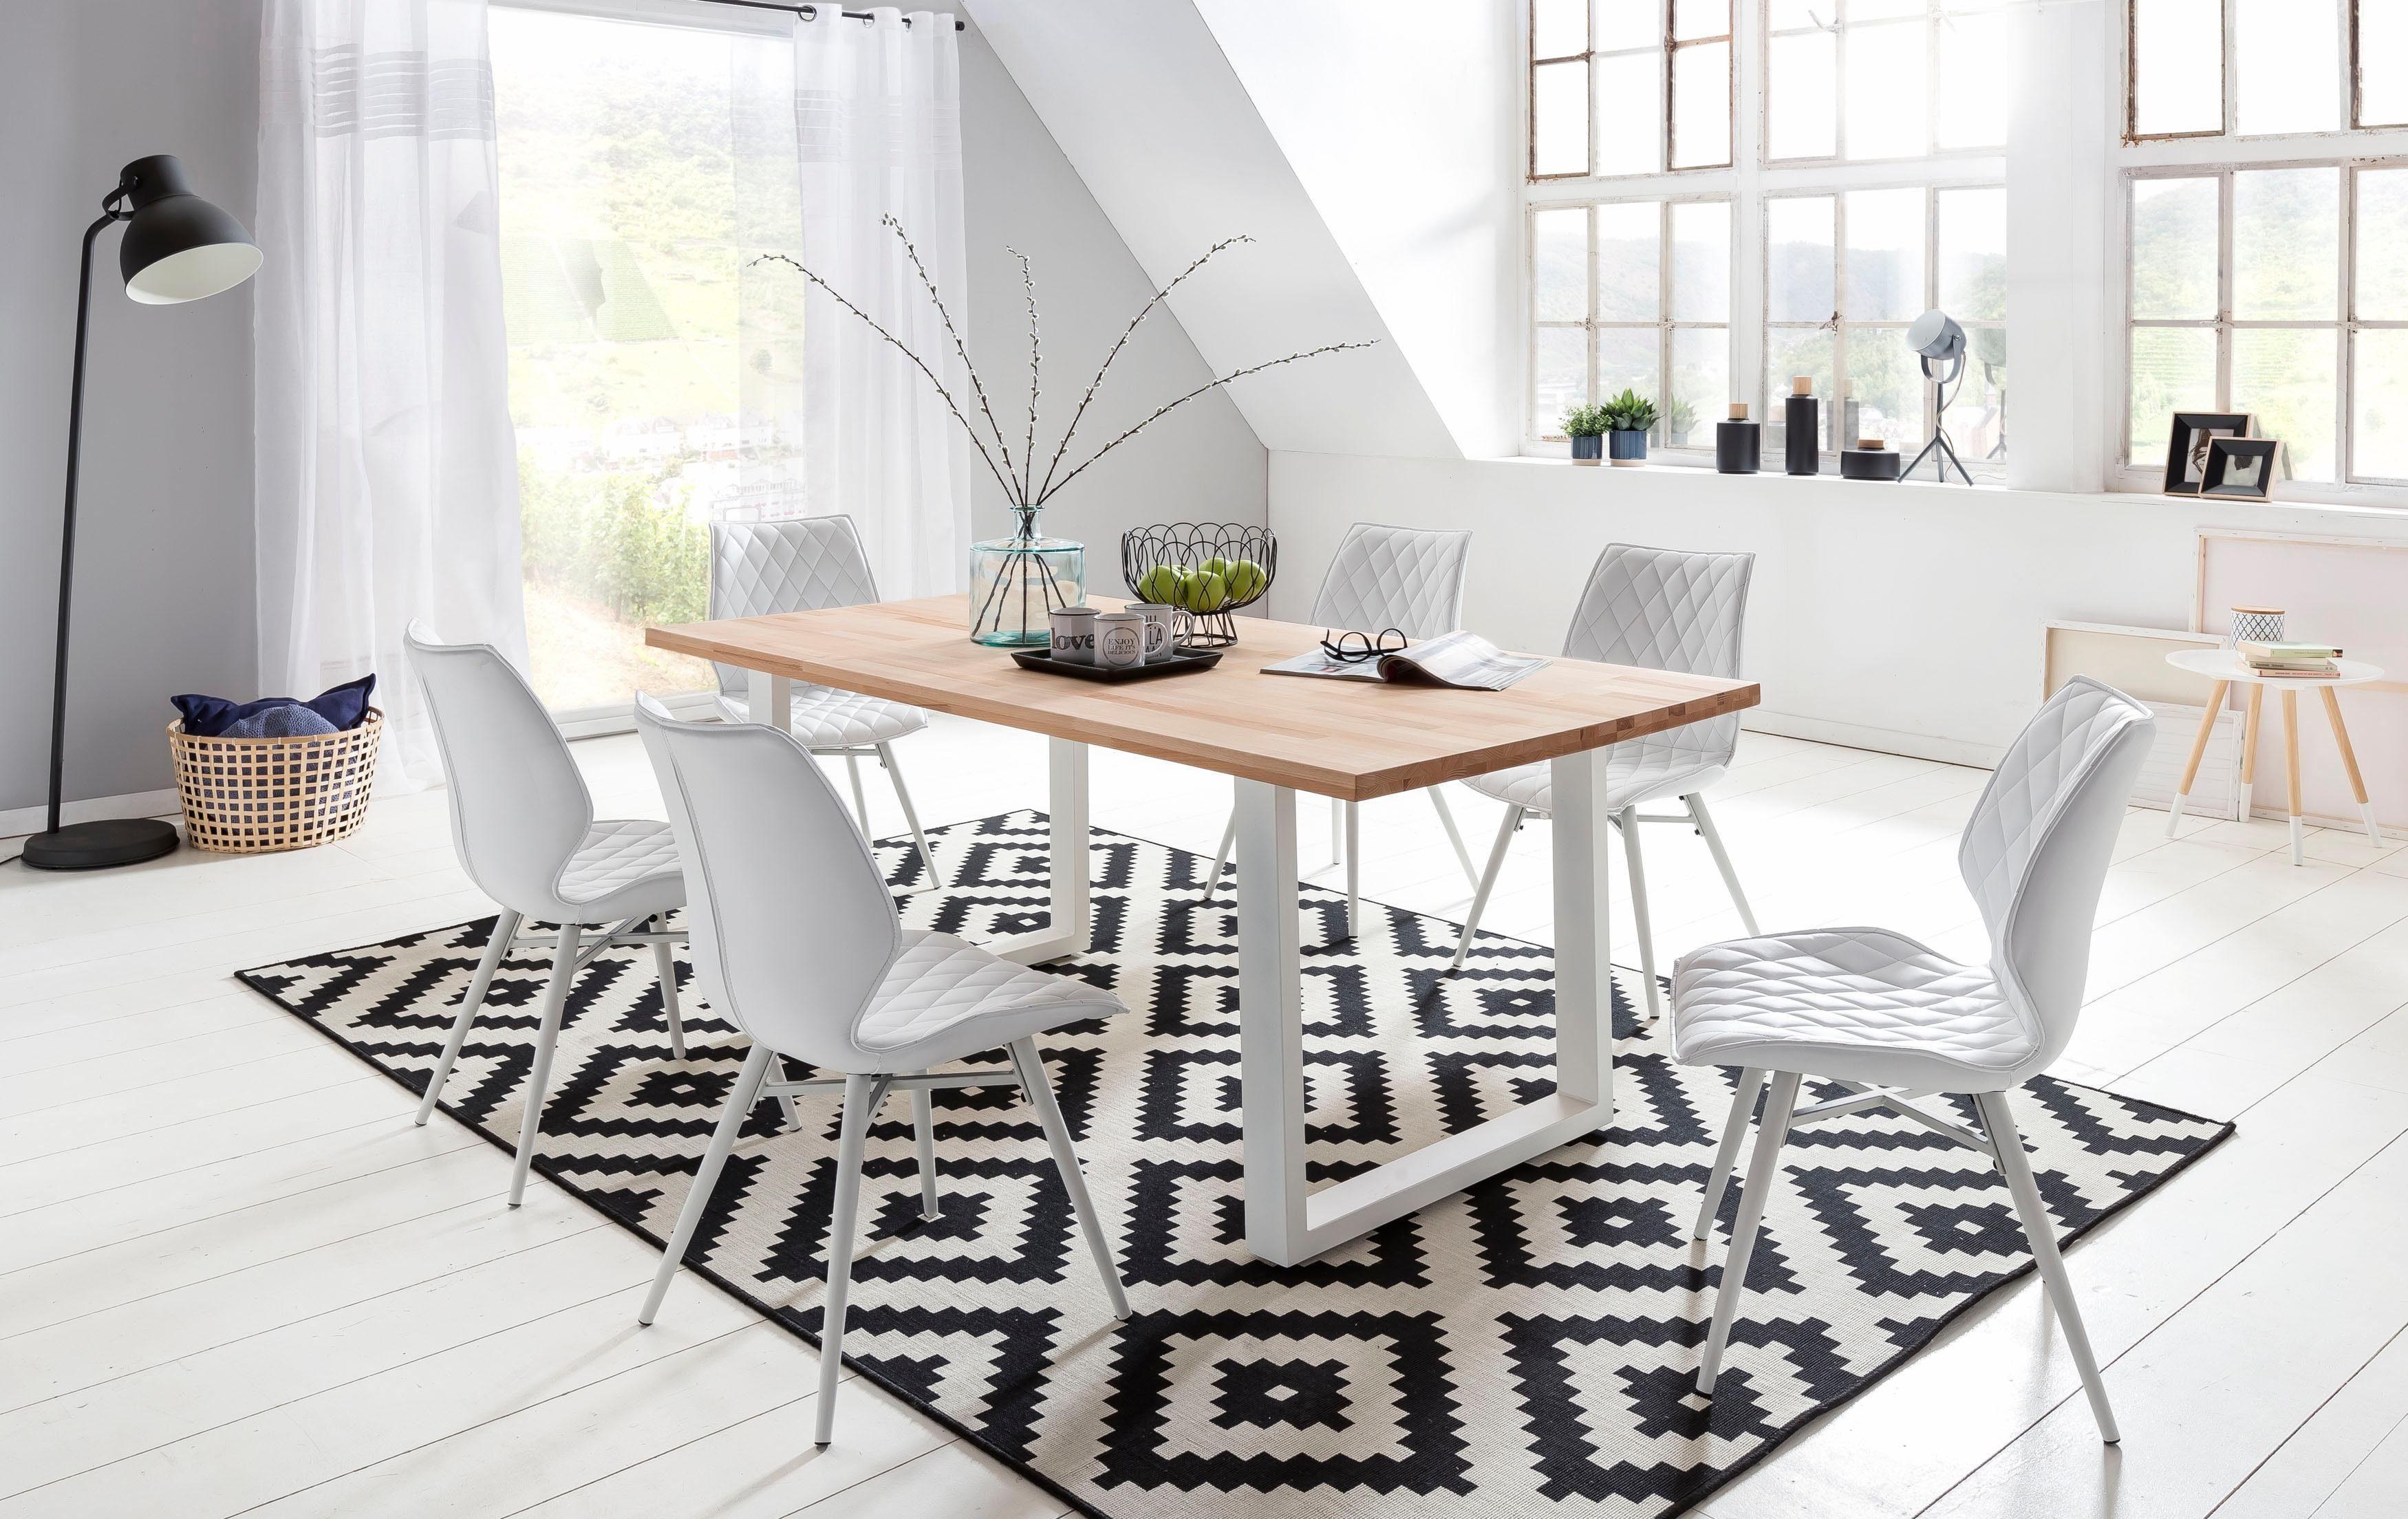 Home affaire Esstisch »Palm Beach«, Tischplatte aus massiver Kernbuche mit weißem Metallgestell